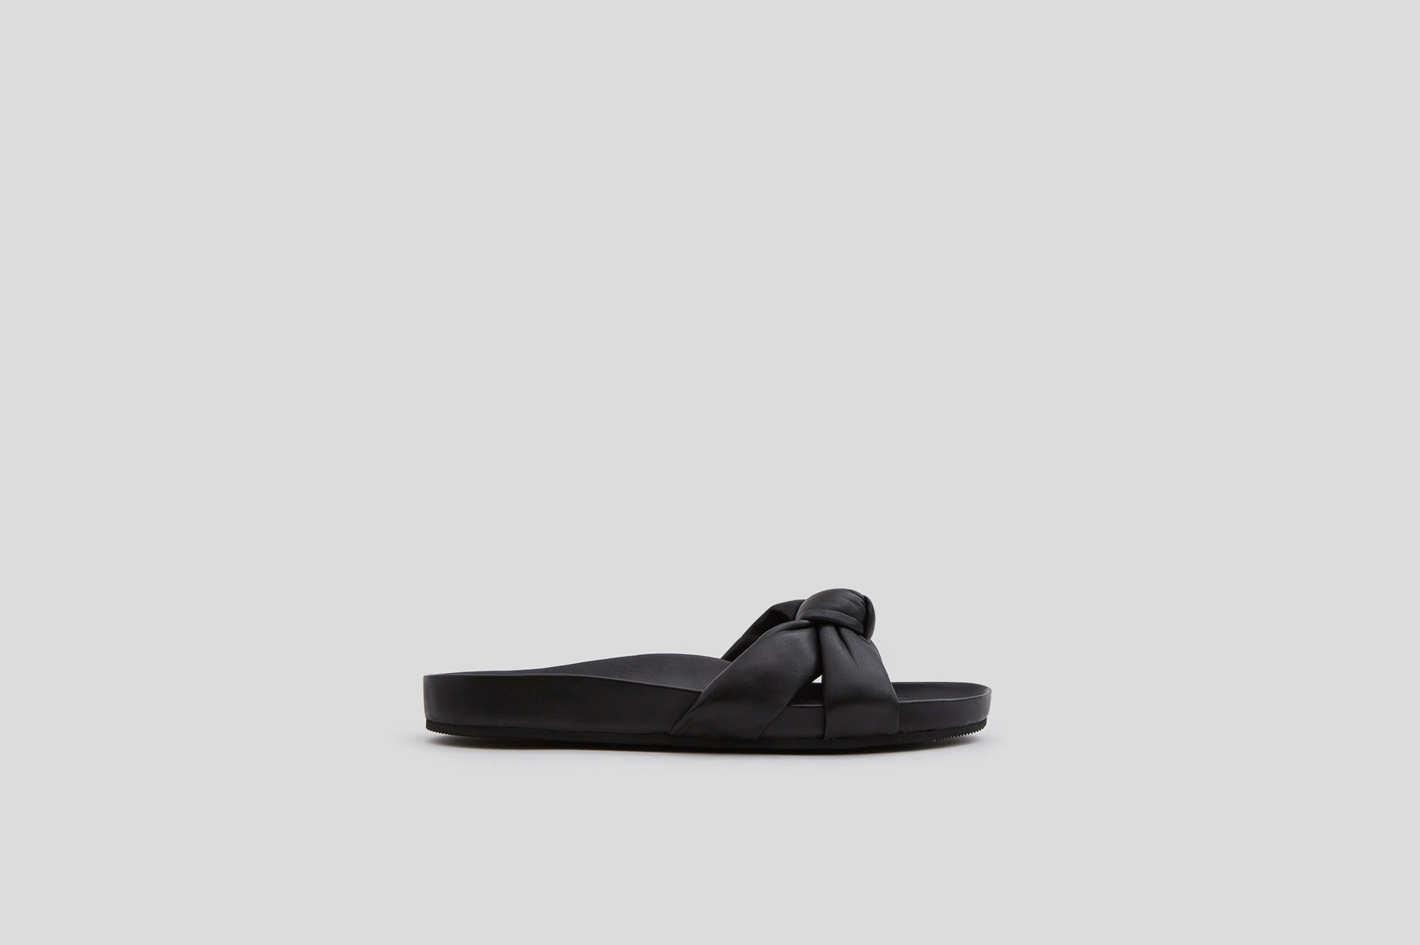 Loeffler Randall Gertie Slide in Black